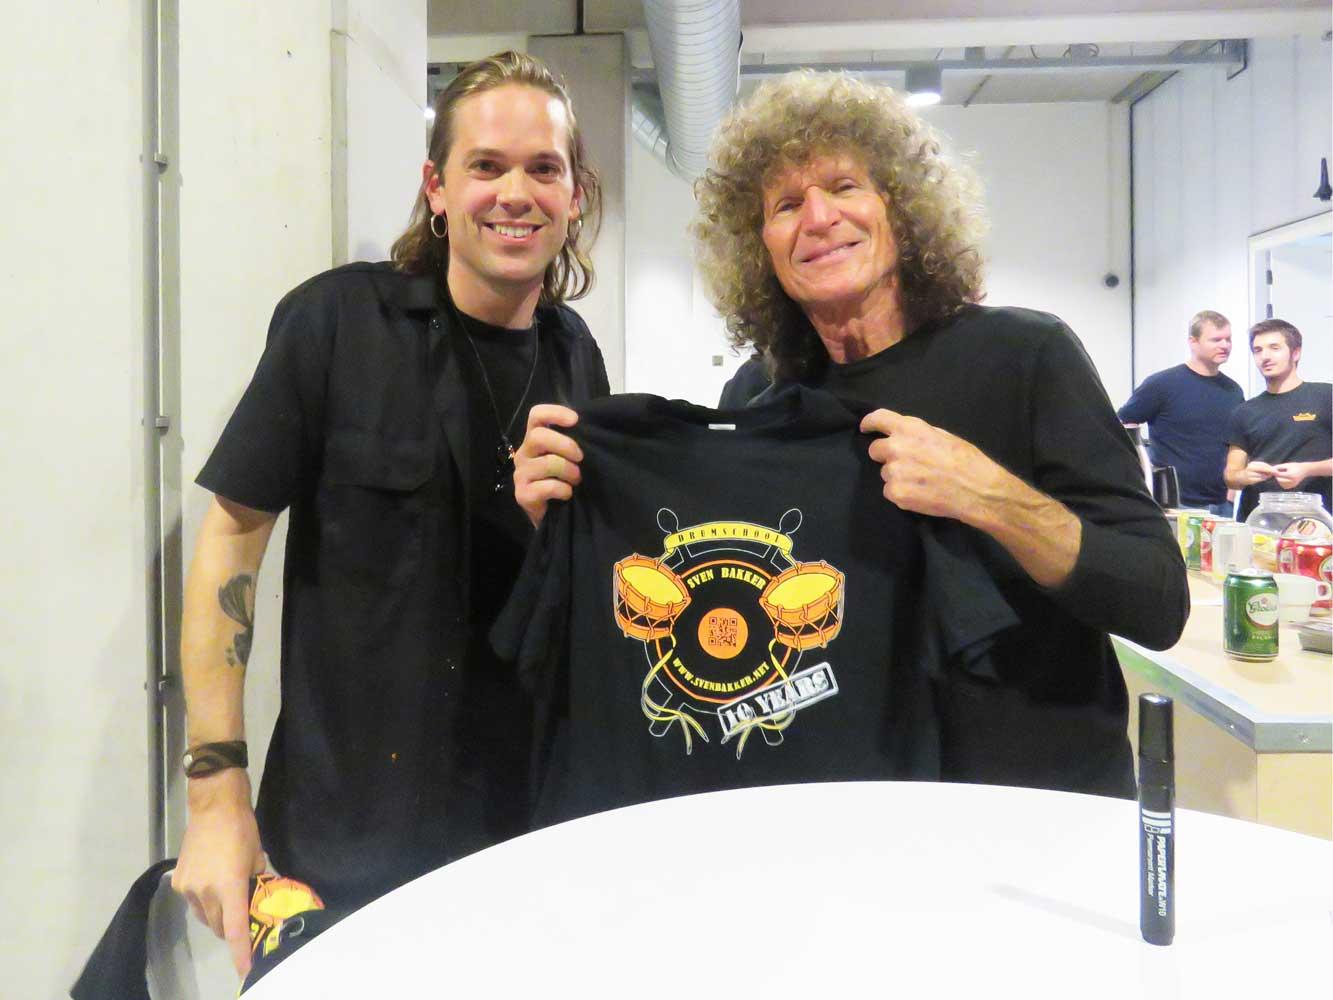 TommyAldridge met officiëel shirt met logo voor 10-jarig bestaan Drumschool Sven Bakker